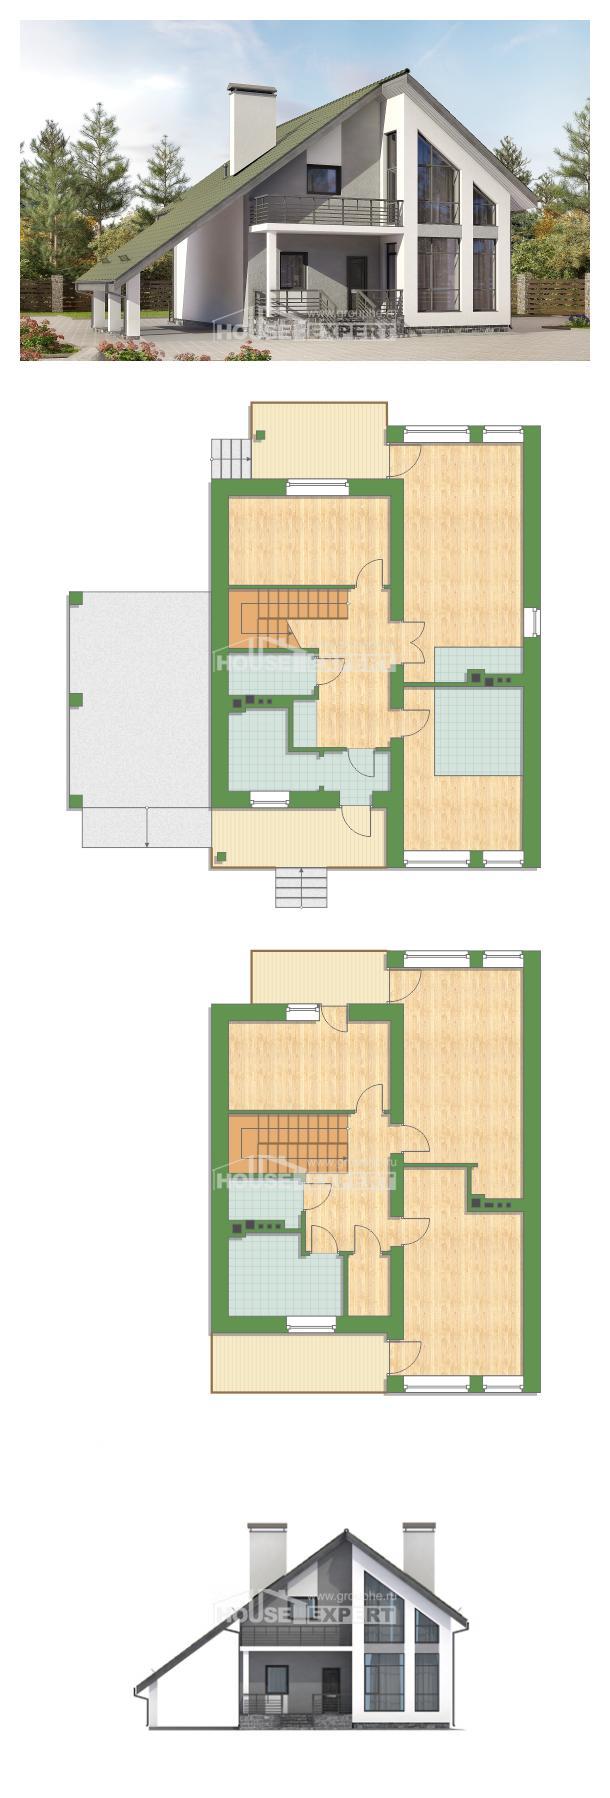 Plan 170-009-L   House Expert